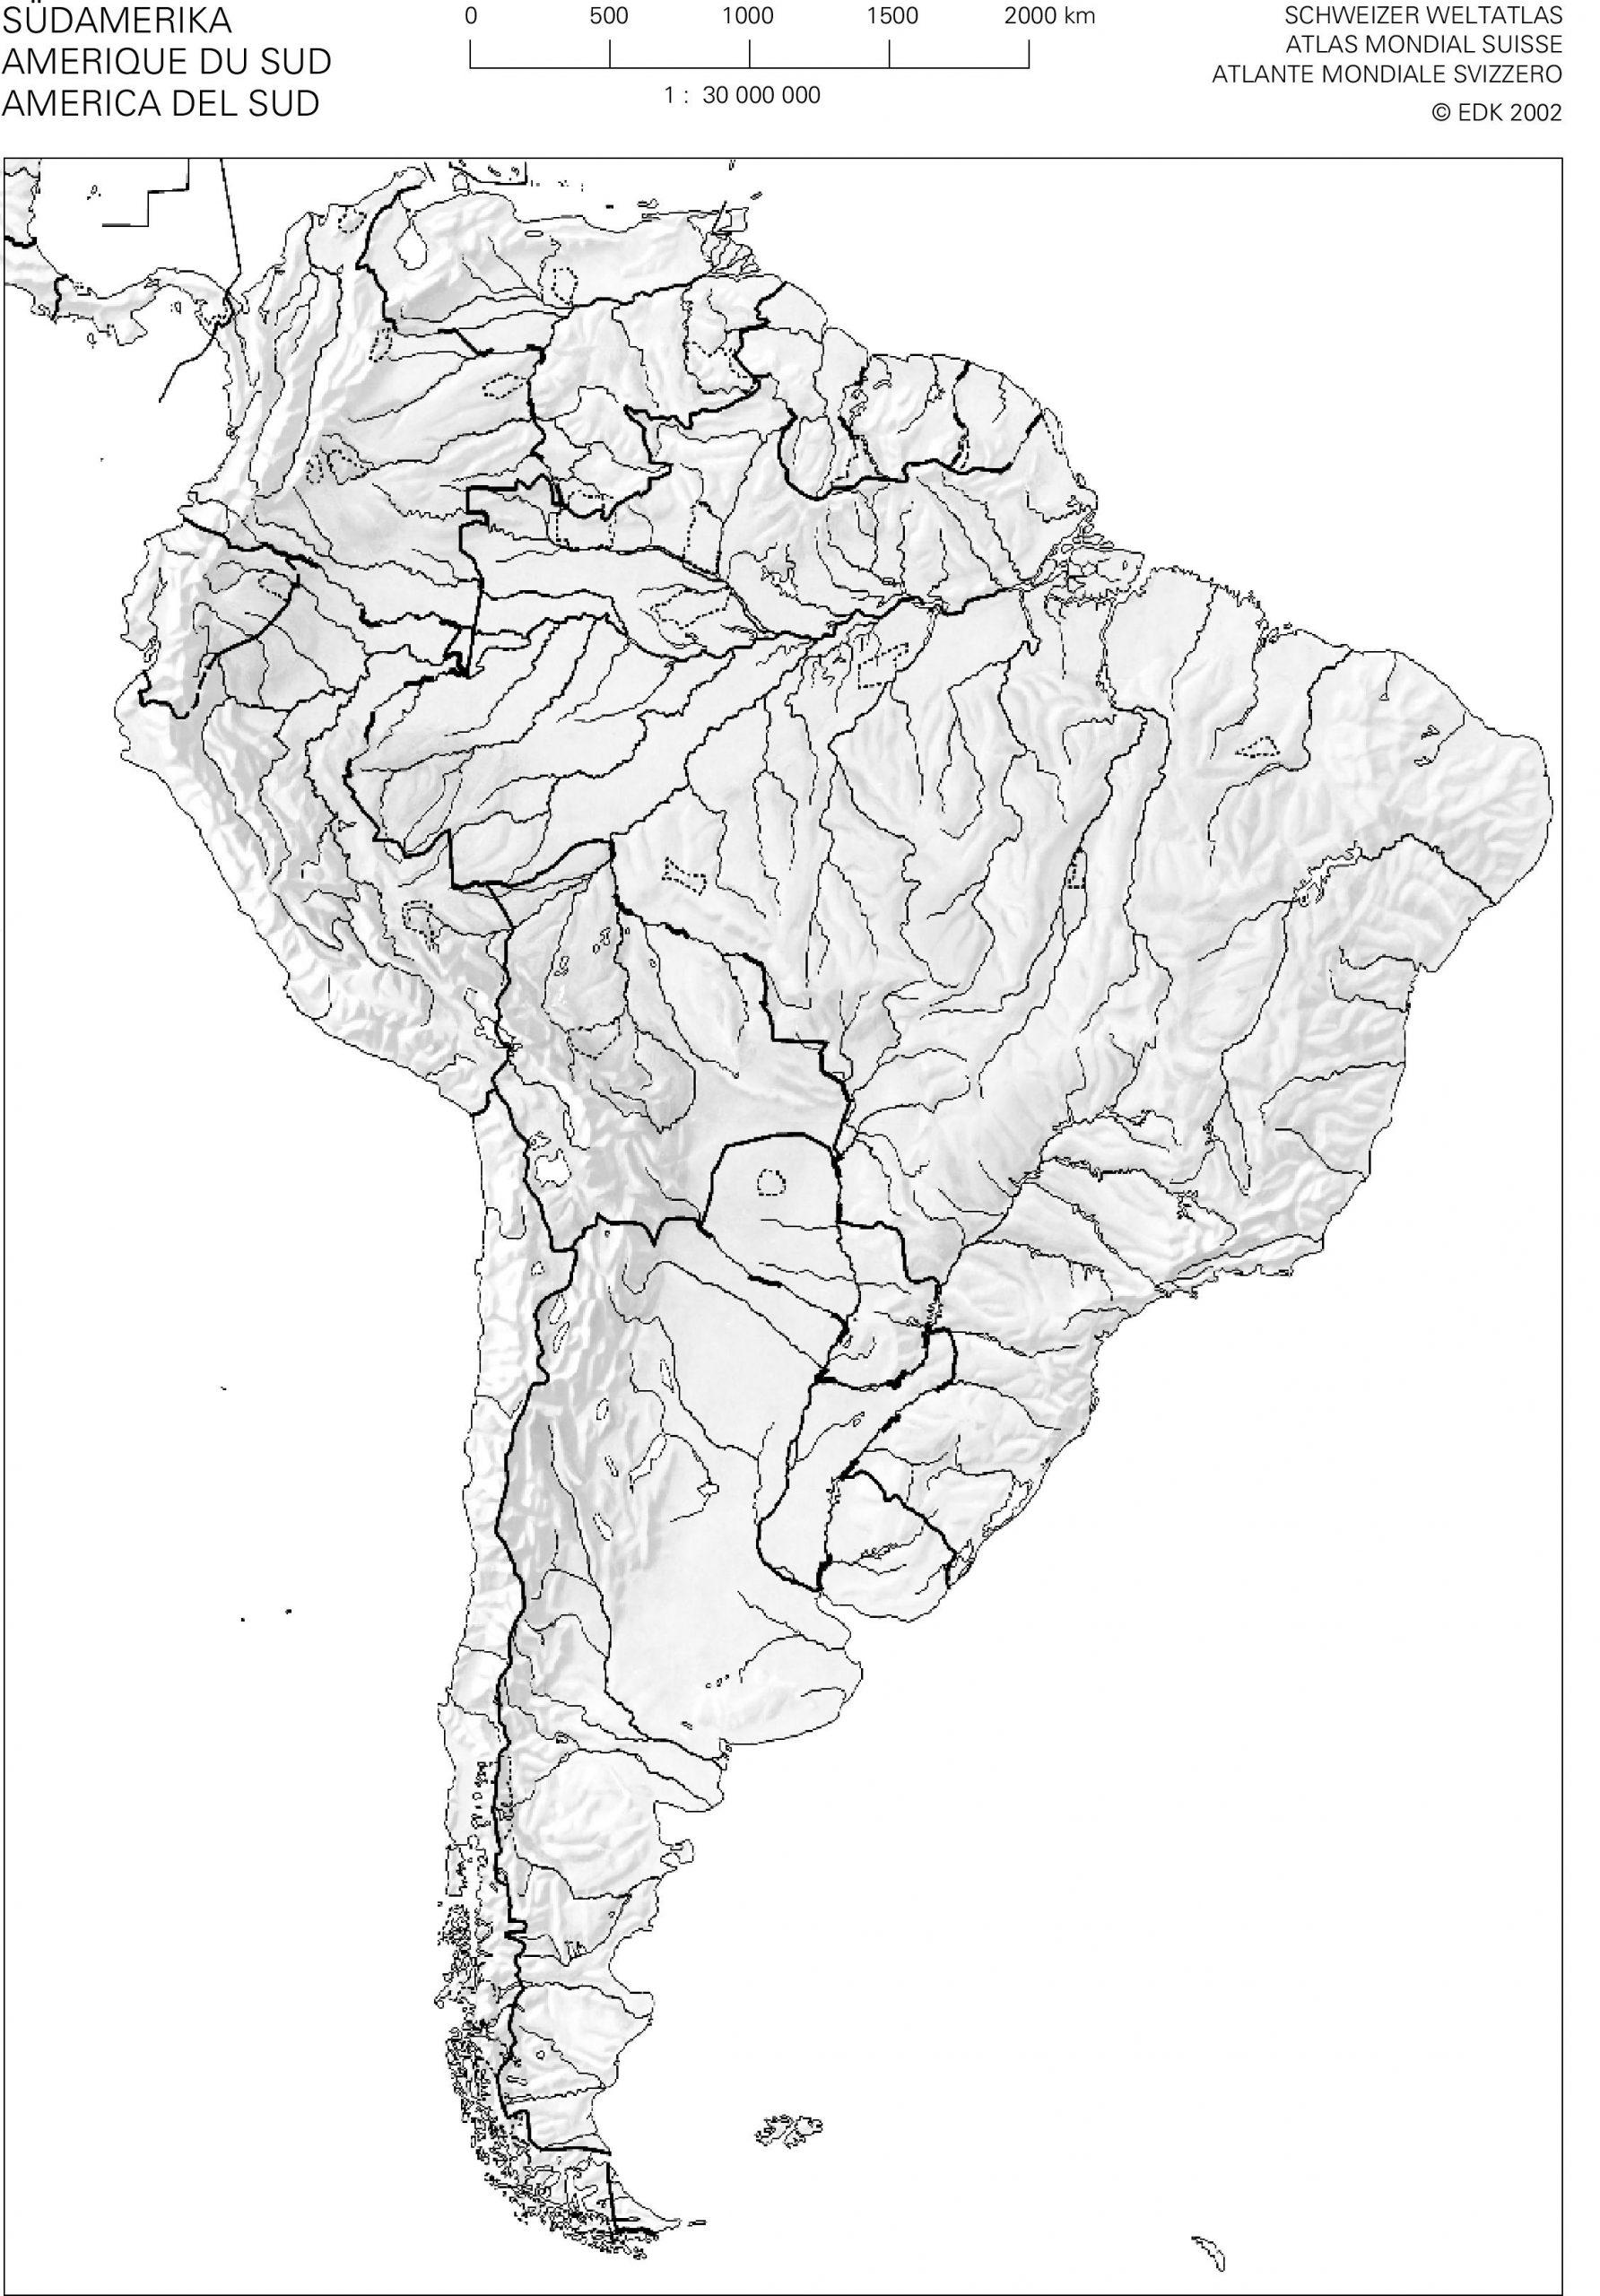 Swisseduc - Geographie - Atlas-Kopiervorlagen in Stumme Karte Südamerika